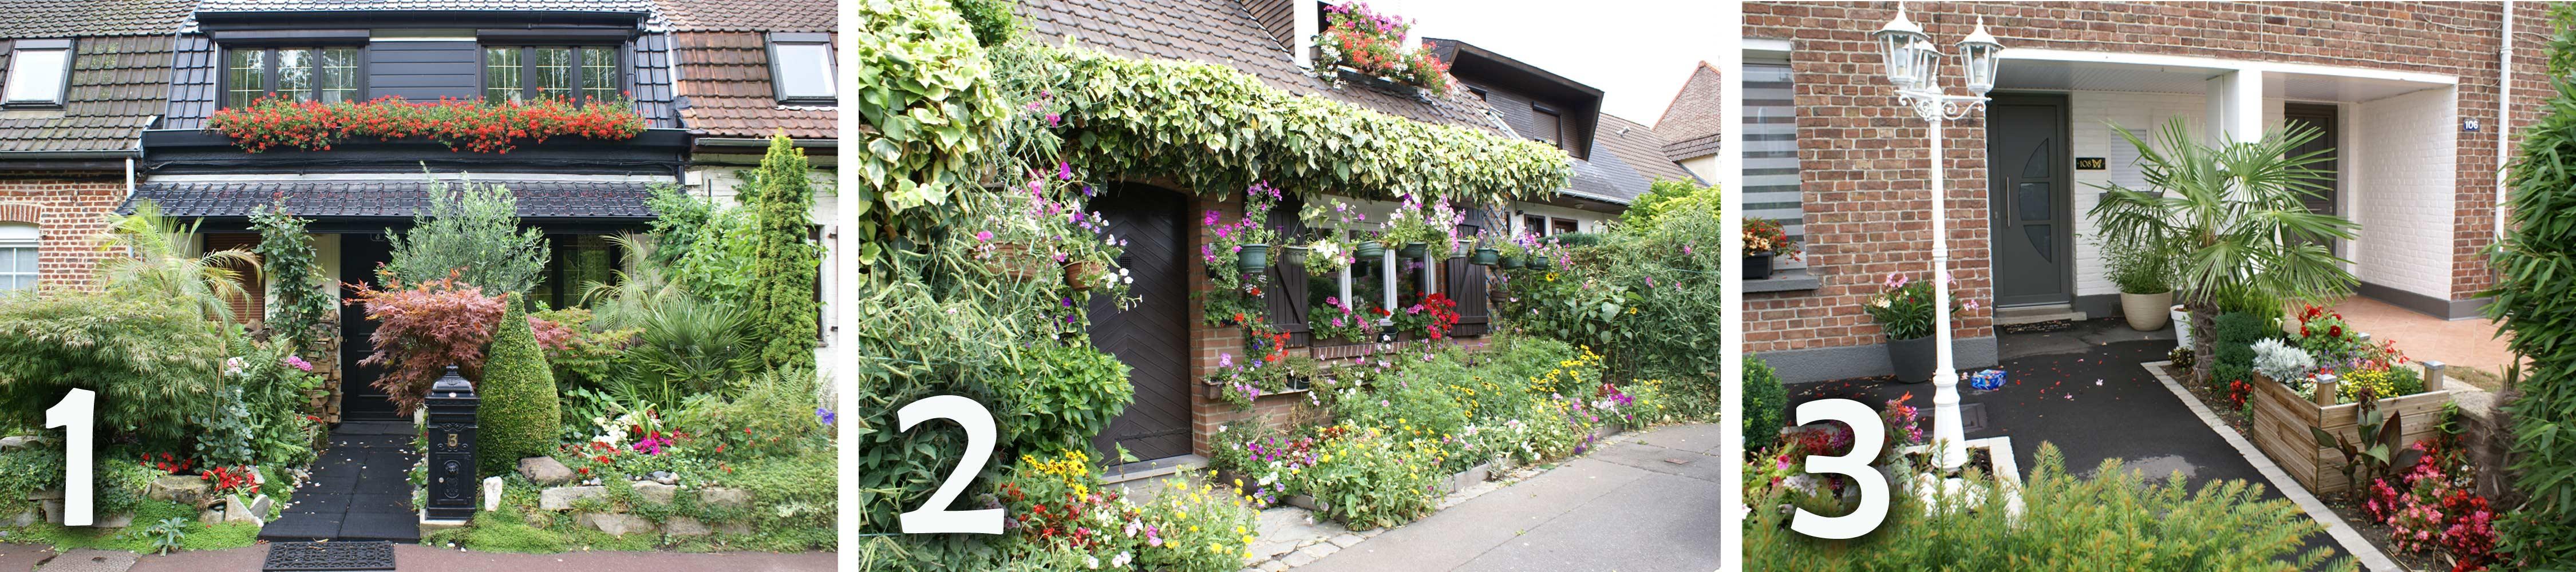 Maisons et balcons fleuris bravo tous archives for Jardin 122 rue des poissonniers